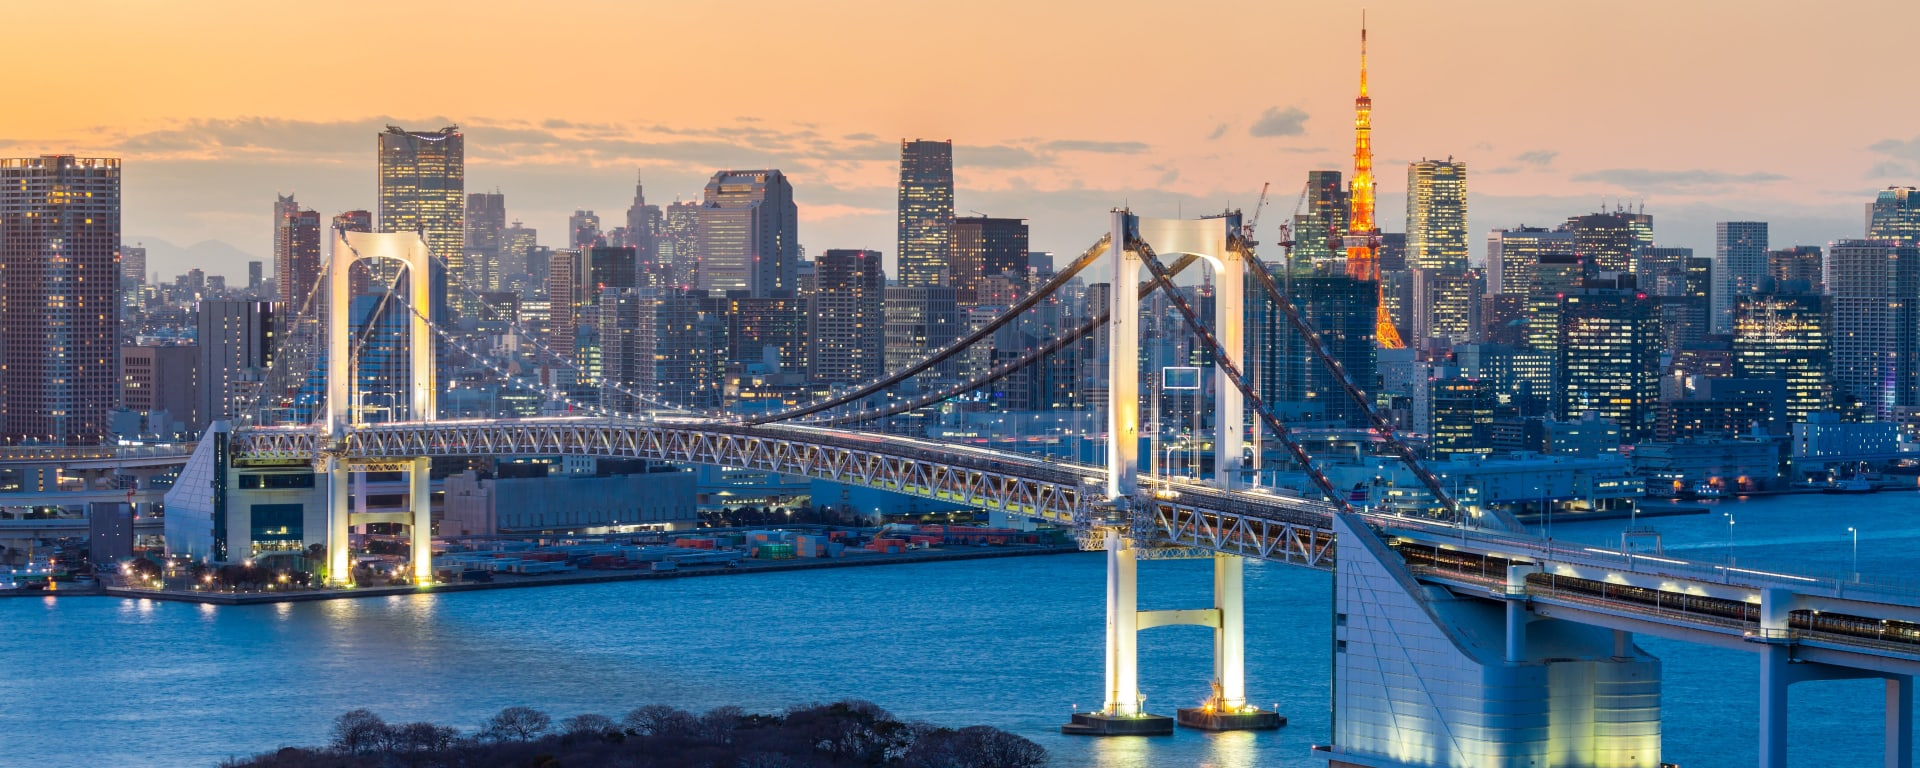 Japan entdecken mit Tischler Reisen: Japan Tokio Rainbow Bridge